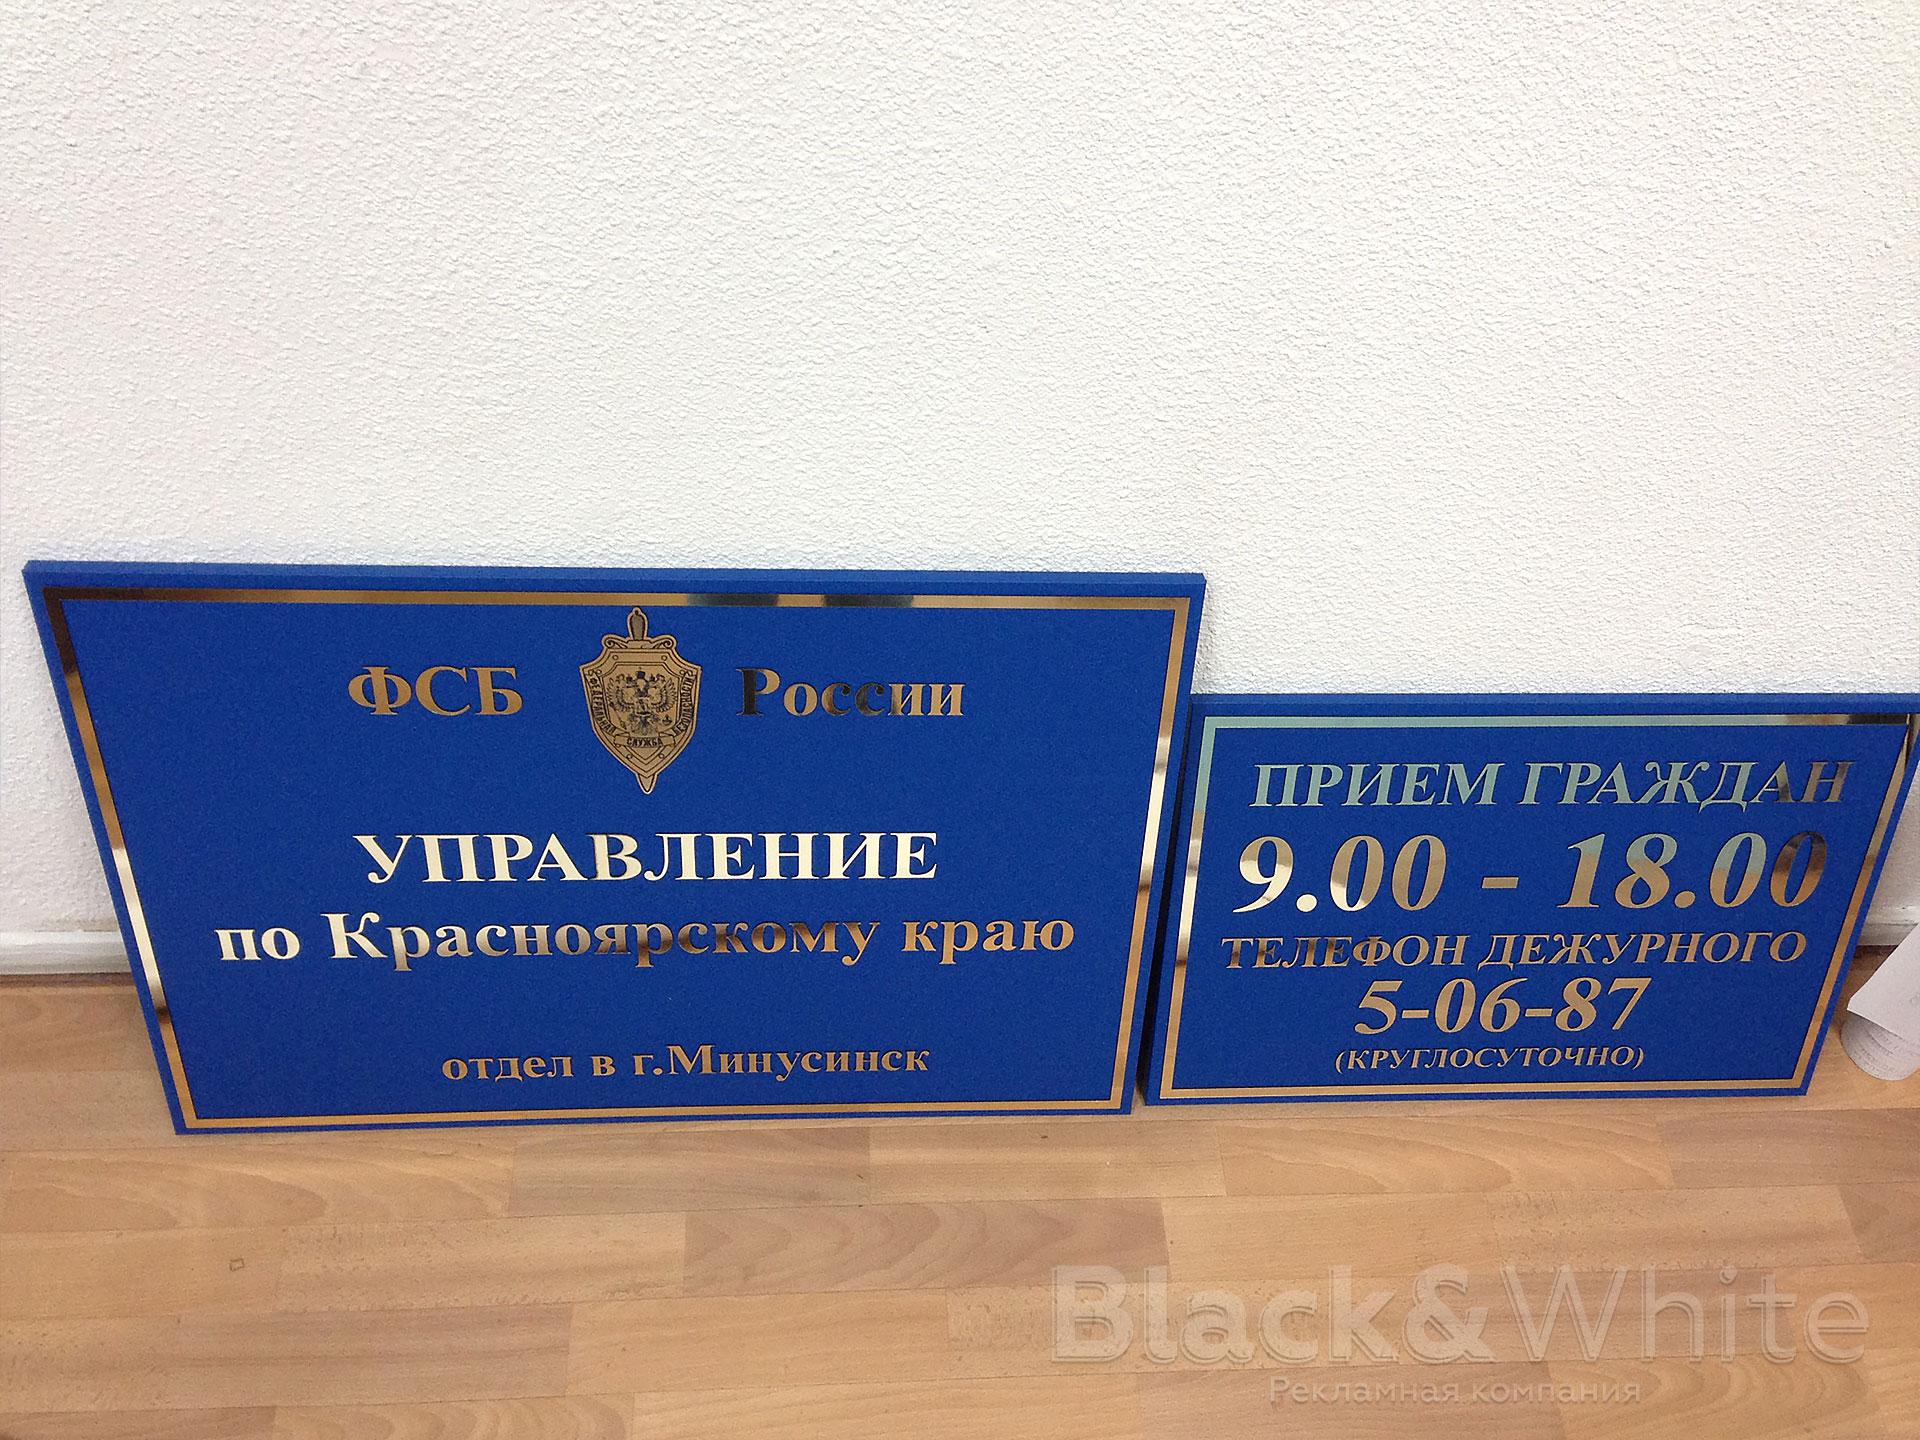 Фасадные-таблички-Компания-Black&White-красноярск.jpg